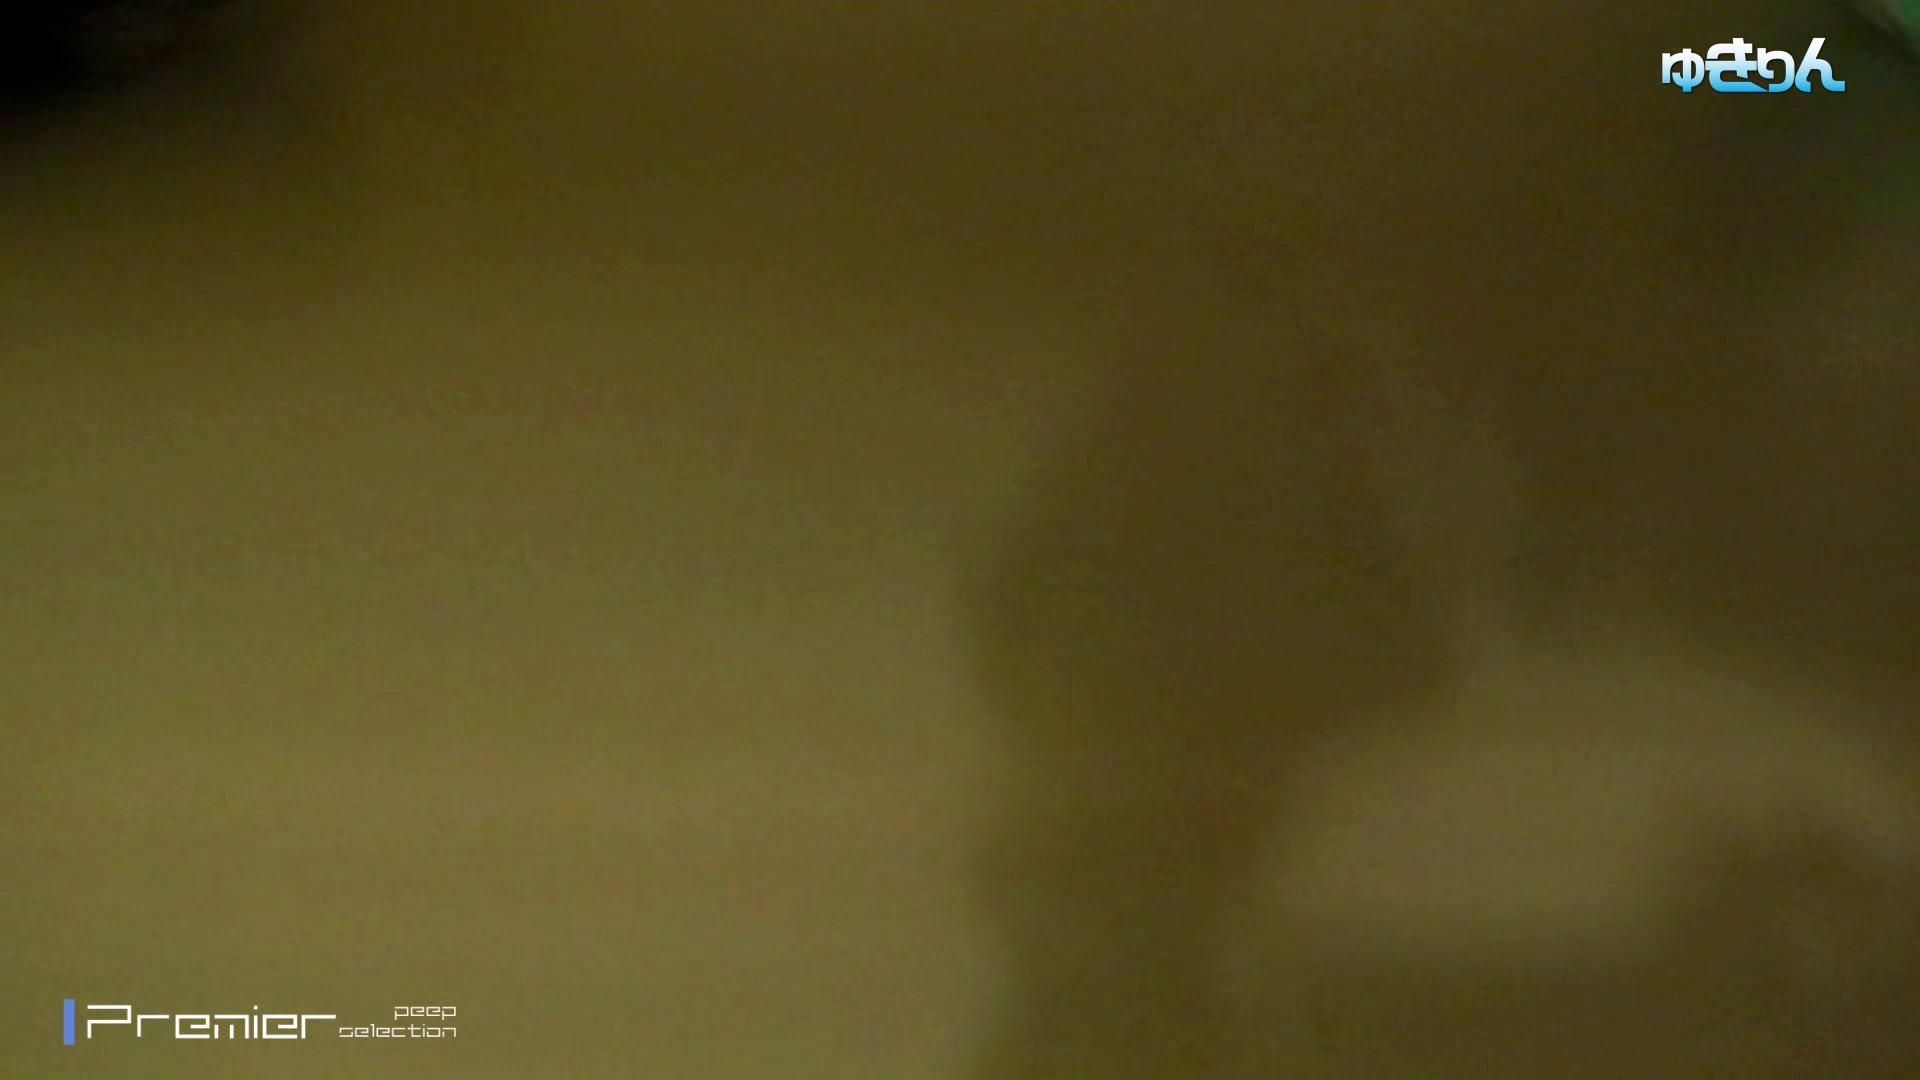 新世界の射窓 No89 あの有名のショーに出ているモデルが偶然に利用するという 洗面所 | 0  113画像 93